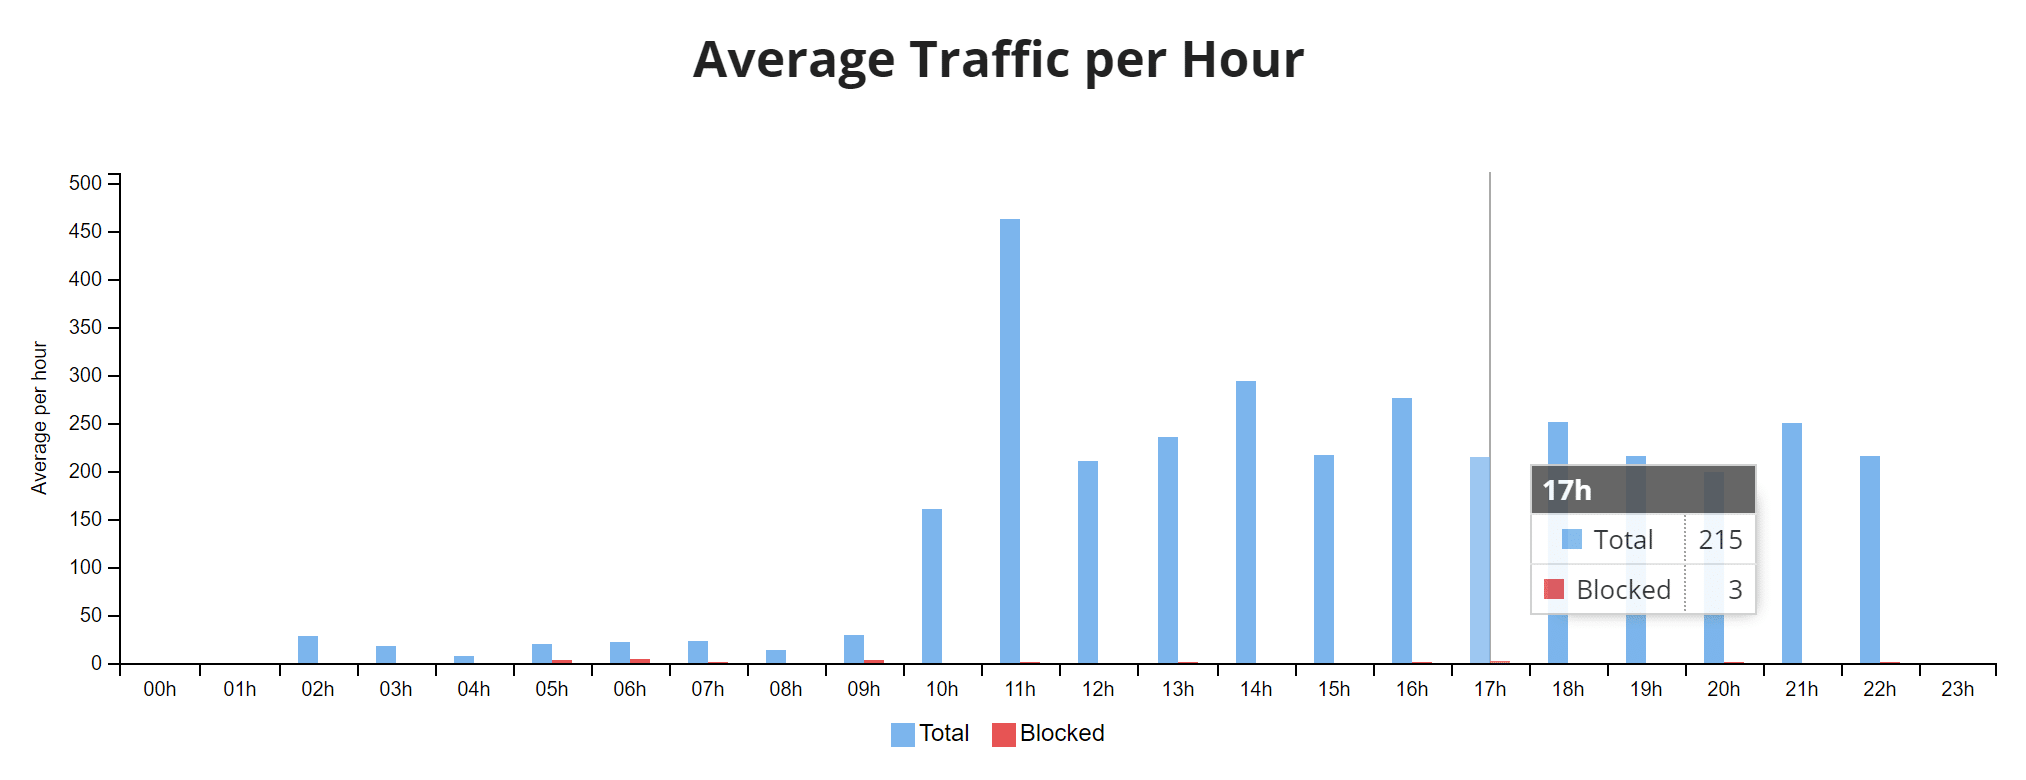 El tráfico promedio por hora